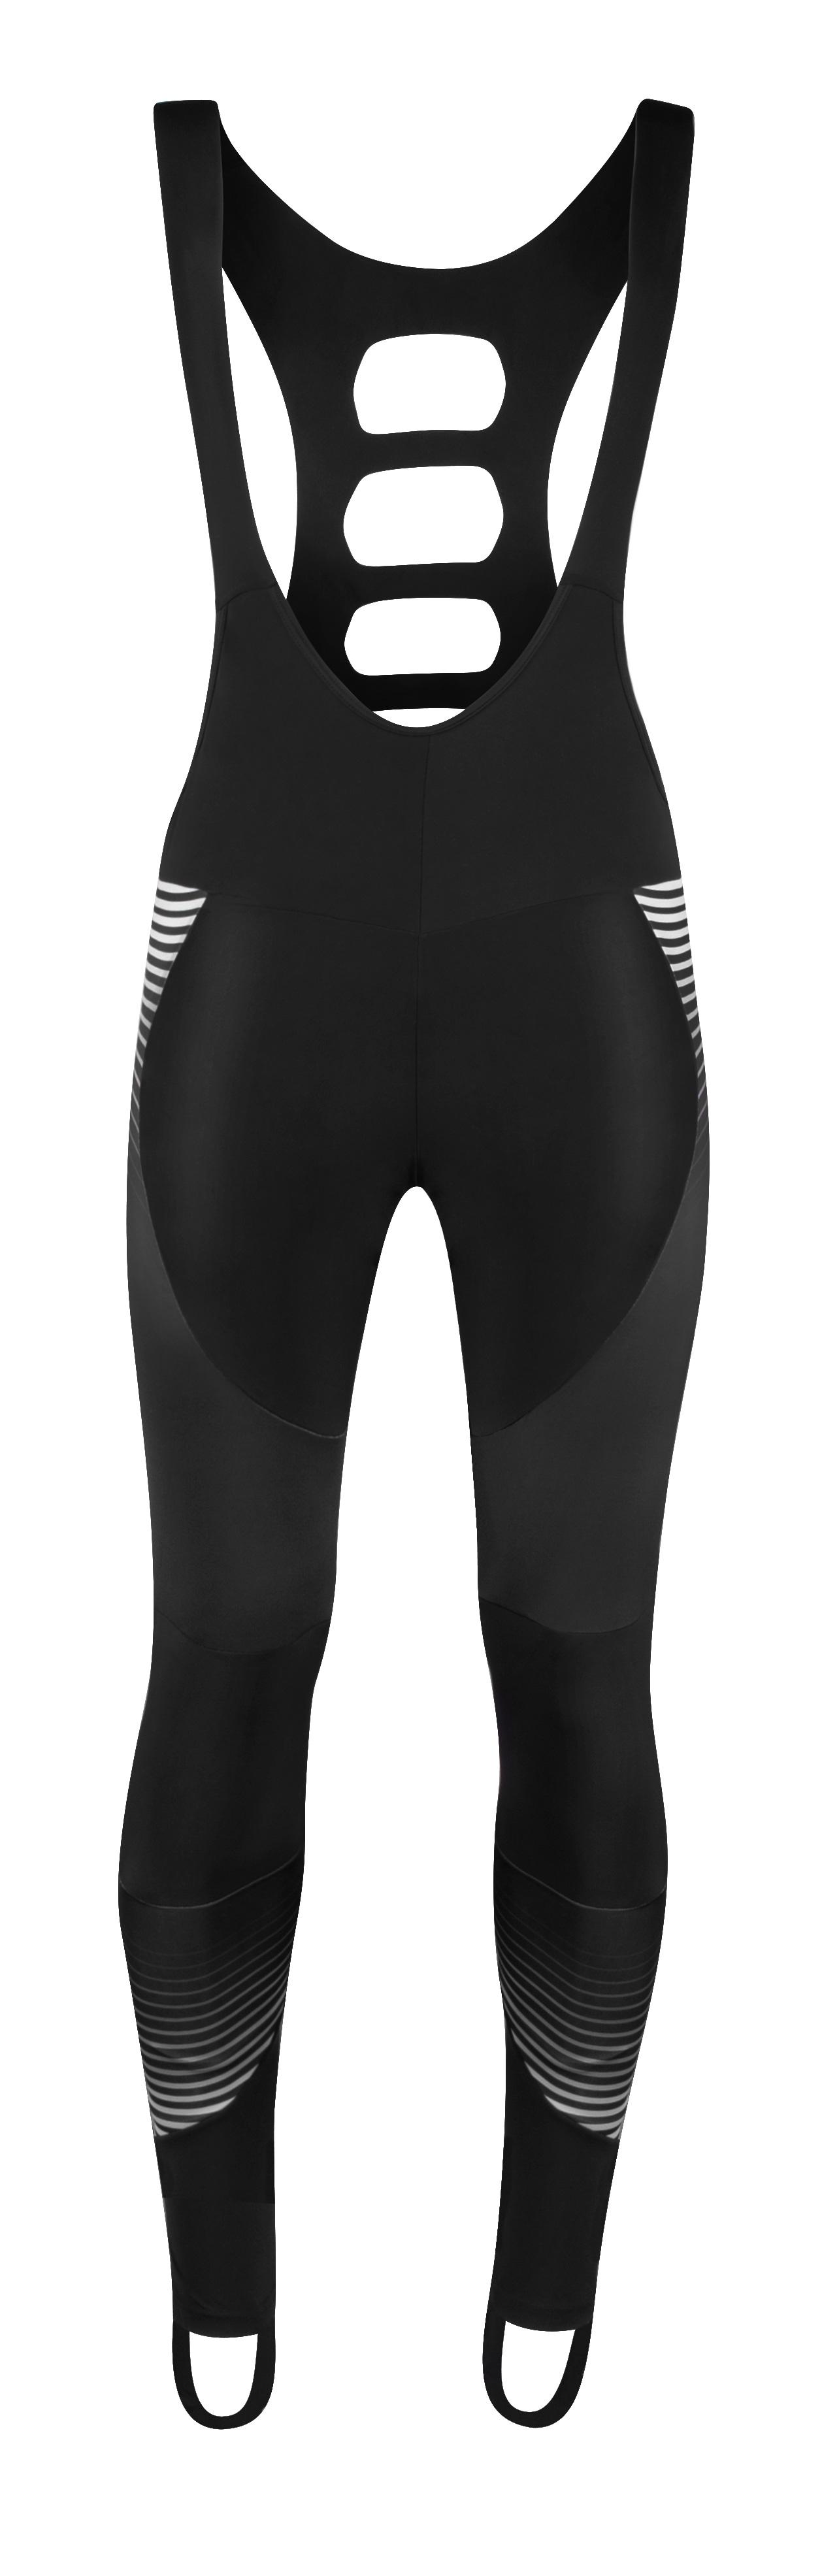 kalhoty F DRIFT WIND se šráky bez vložky,černé XS